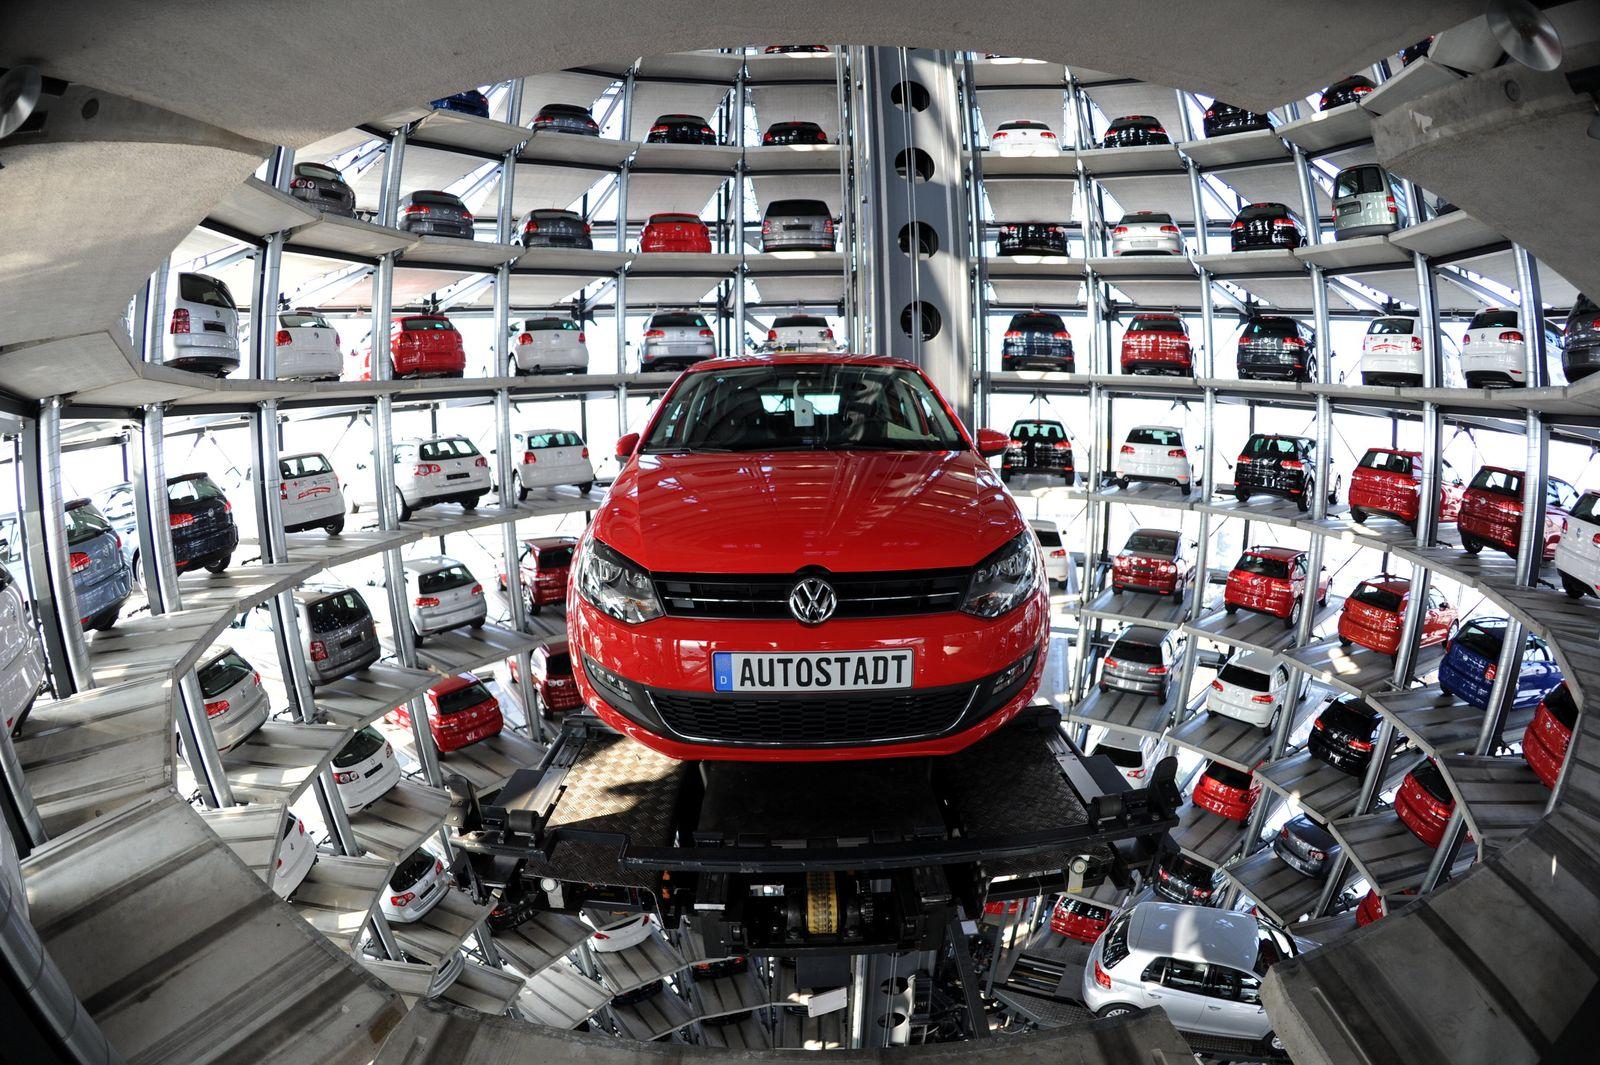 VW auto